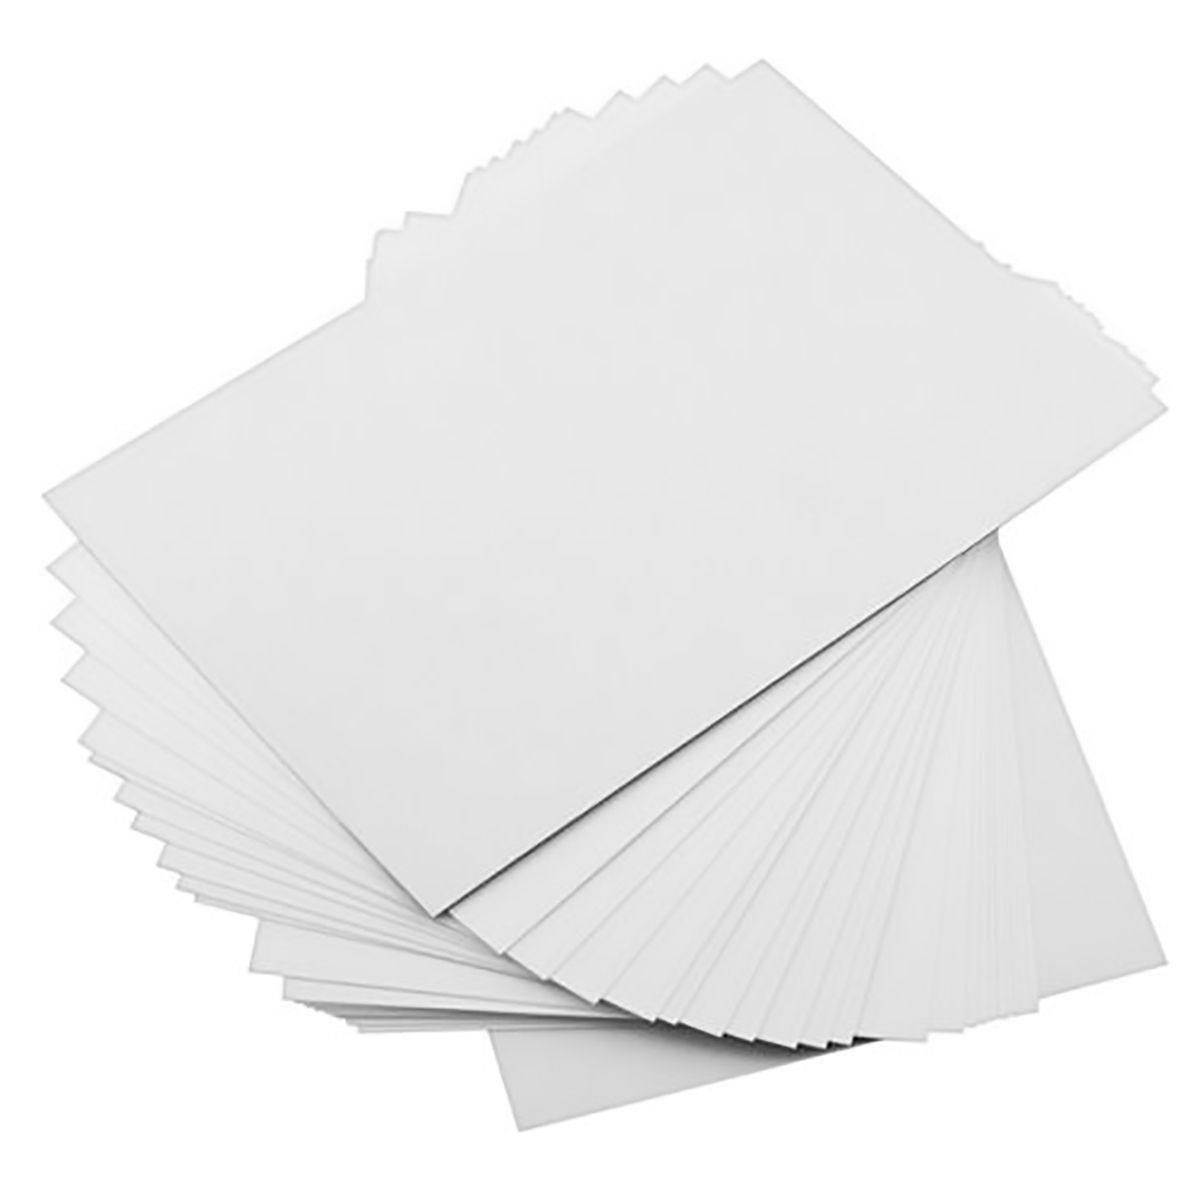 Papel Fotográfico Matte Fosco 90g A4 Branco Sem Brilho / 100 Folhas